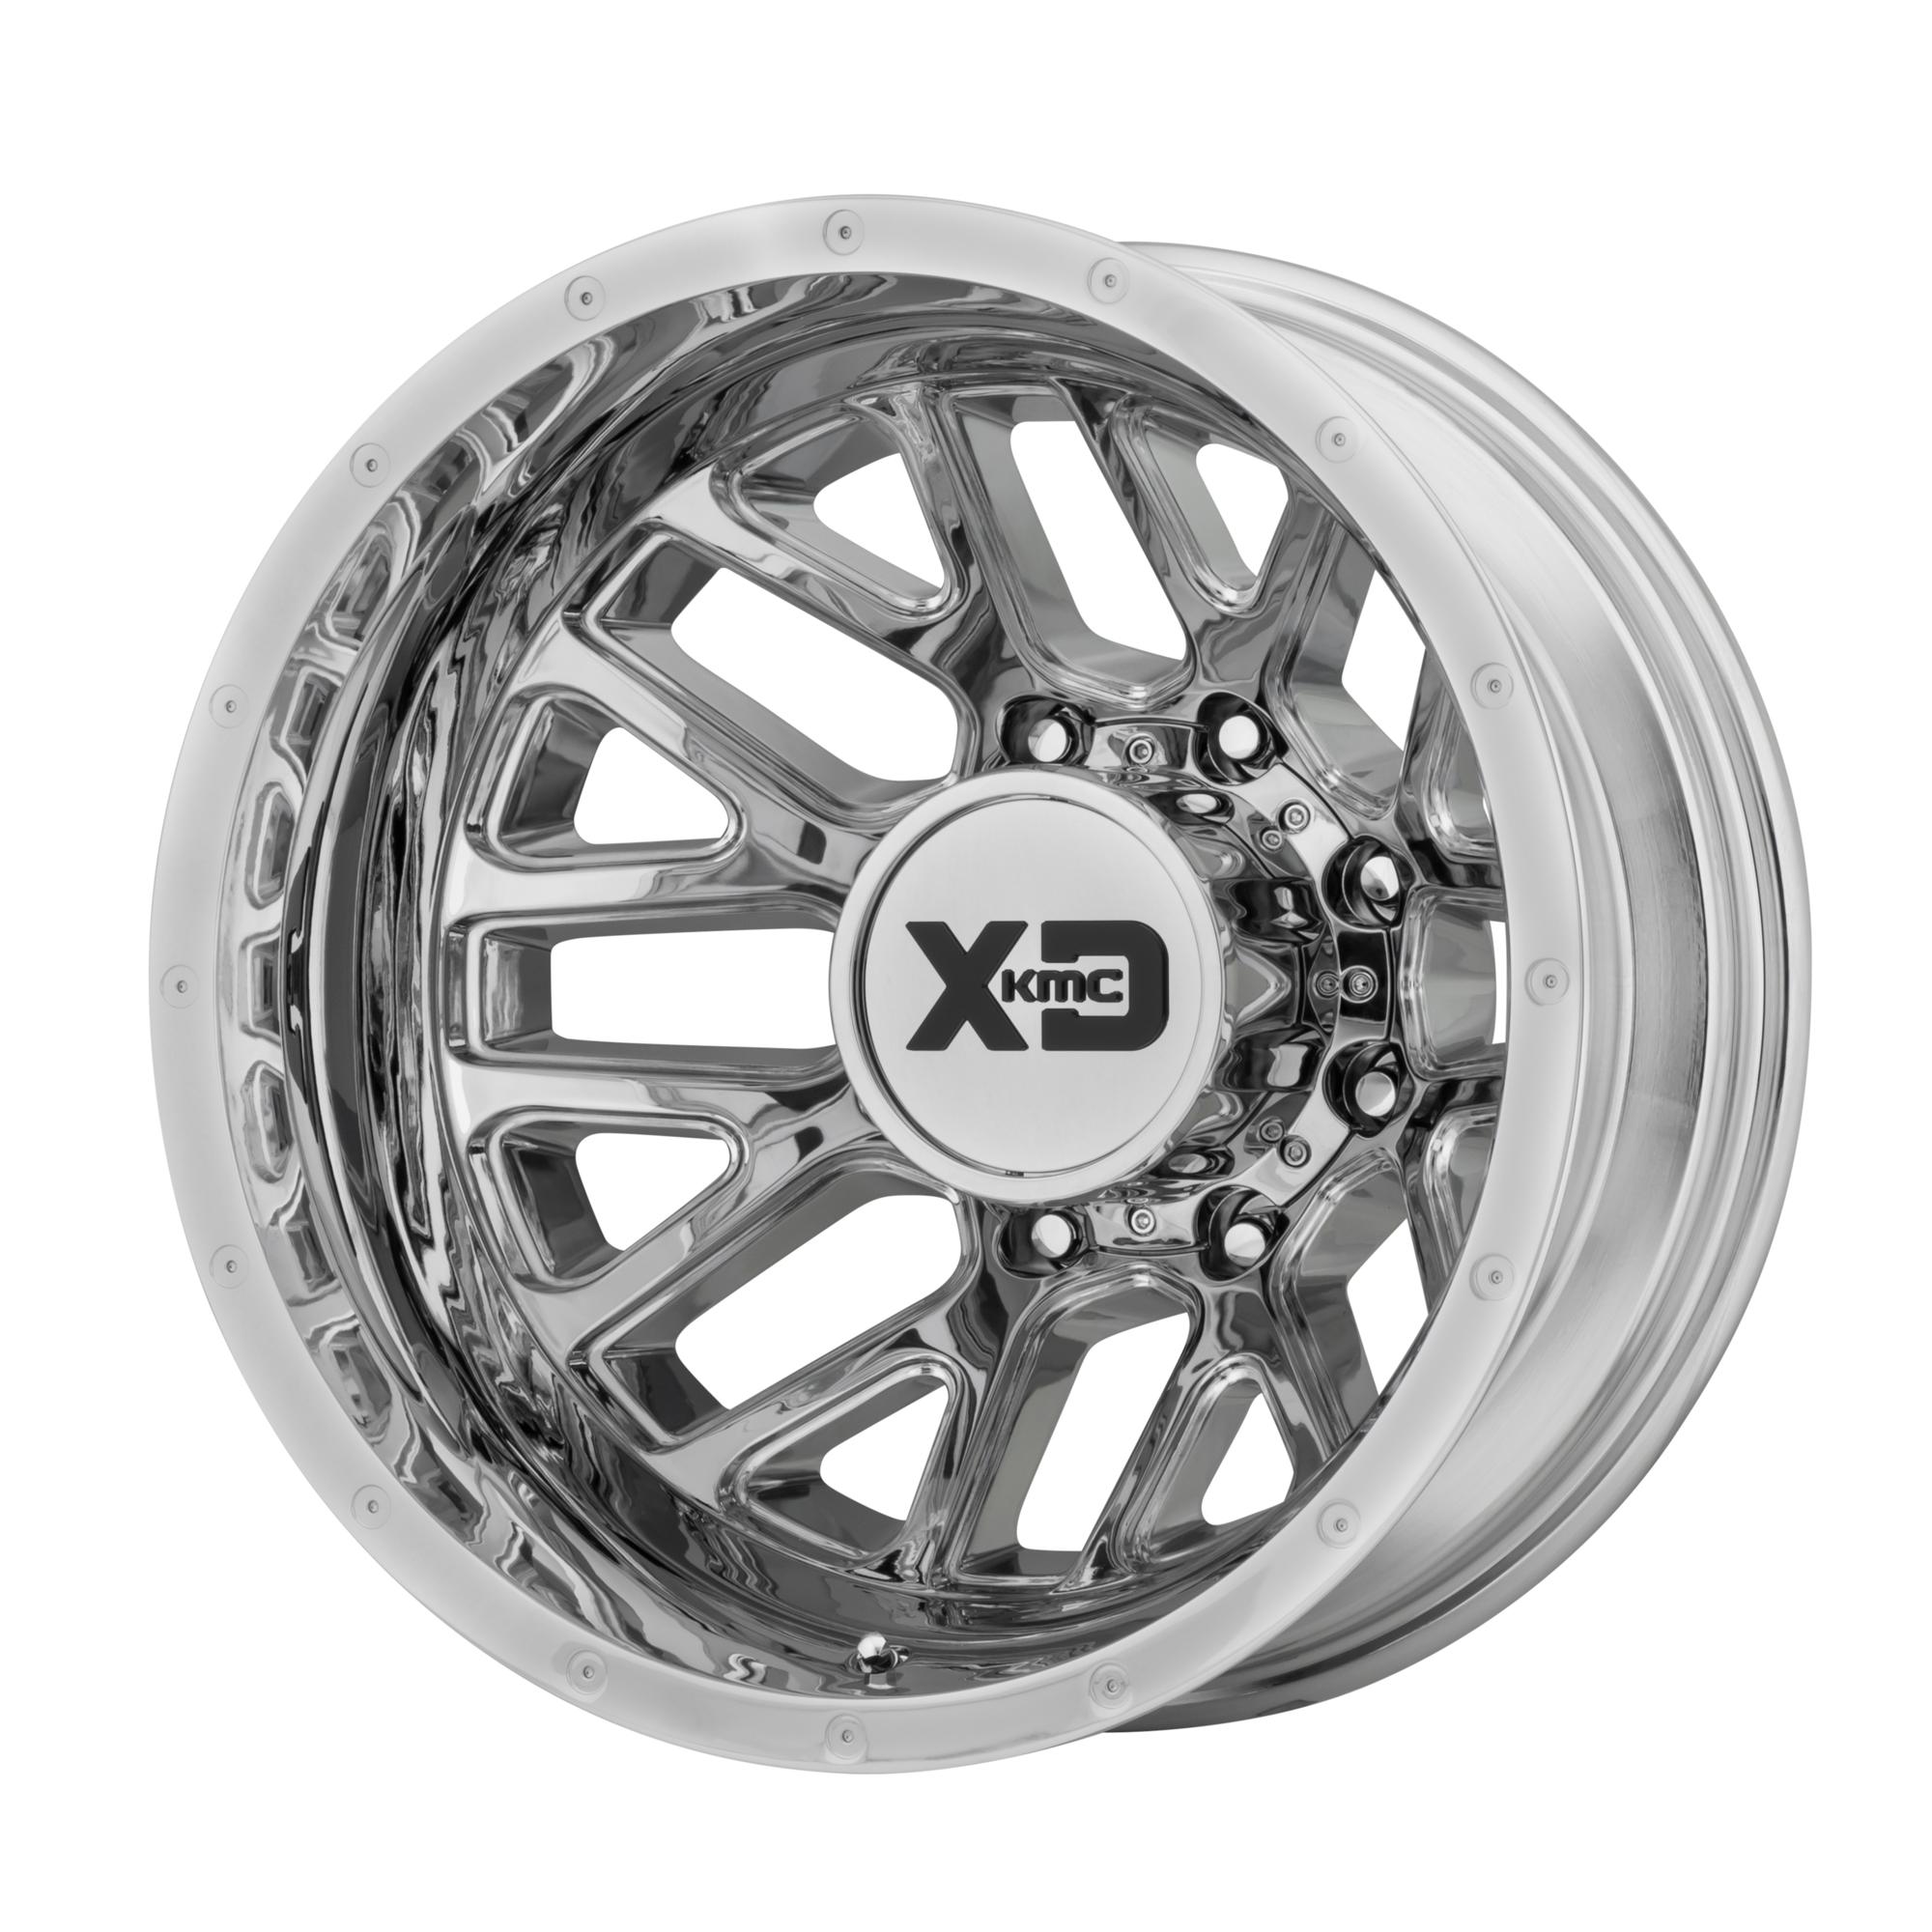 XD SERIES XD843 GRENADE DUALLY hliníkové disky 6,5x17 8x210 ET-140 Chrome - Rear